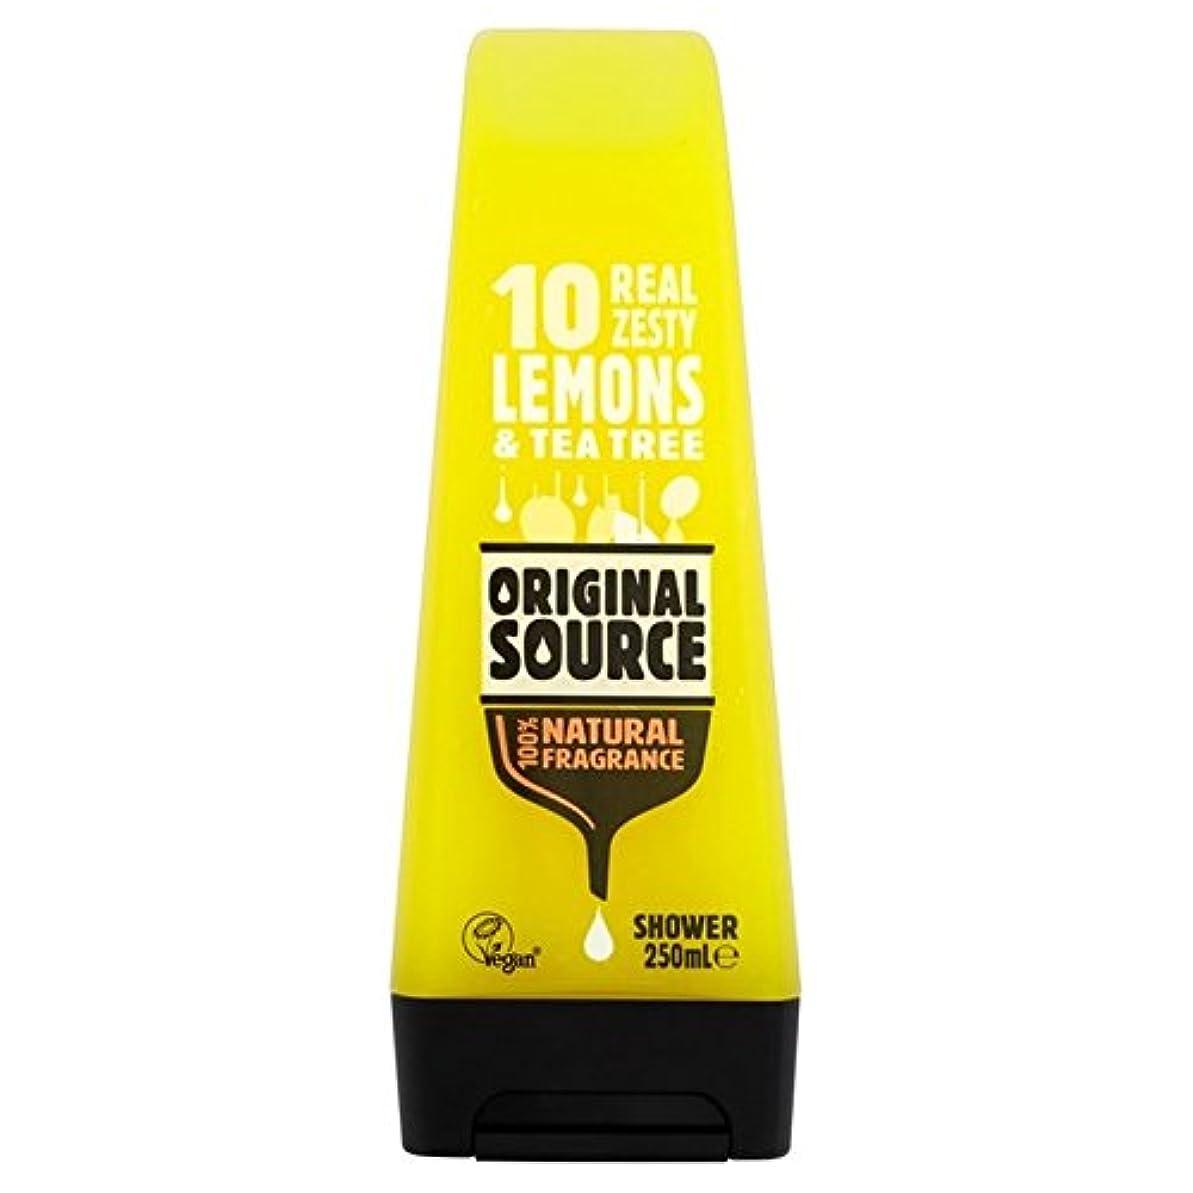 柱うれしい葉を拾う元のソースのレモンシャワージェル250ミリリットル x4 - Original Source Lemon Shower Gel 250ml (Pack of 4) [並行輸入品]